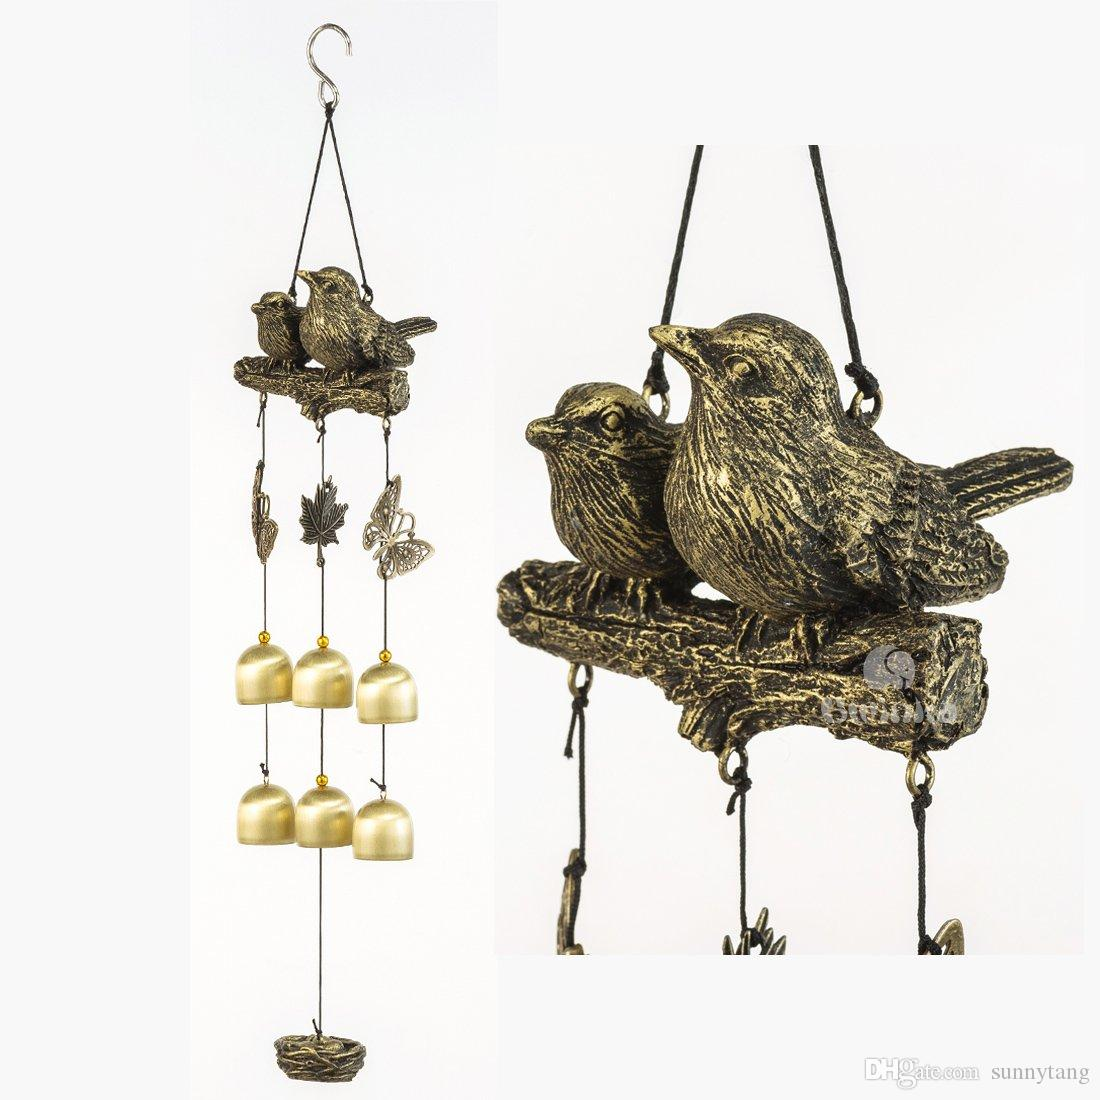 Bwinka Neueste Vogel Windspiel 6 Stuck Bronzeglocken Erstaunliche Gnade Windspiele Fur Garten Hof Terrasse Und Inneneinrichtungen Mit Haken